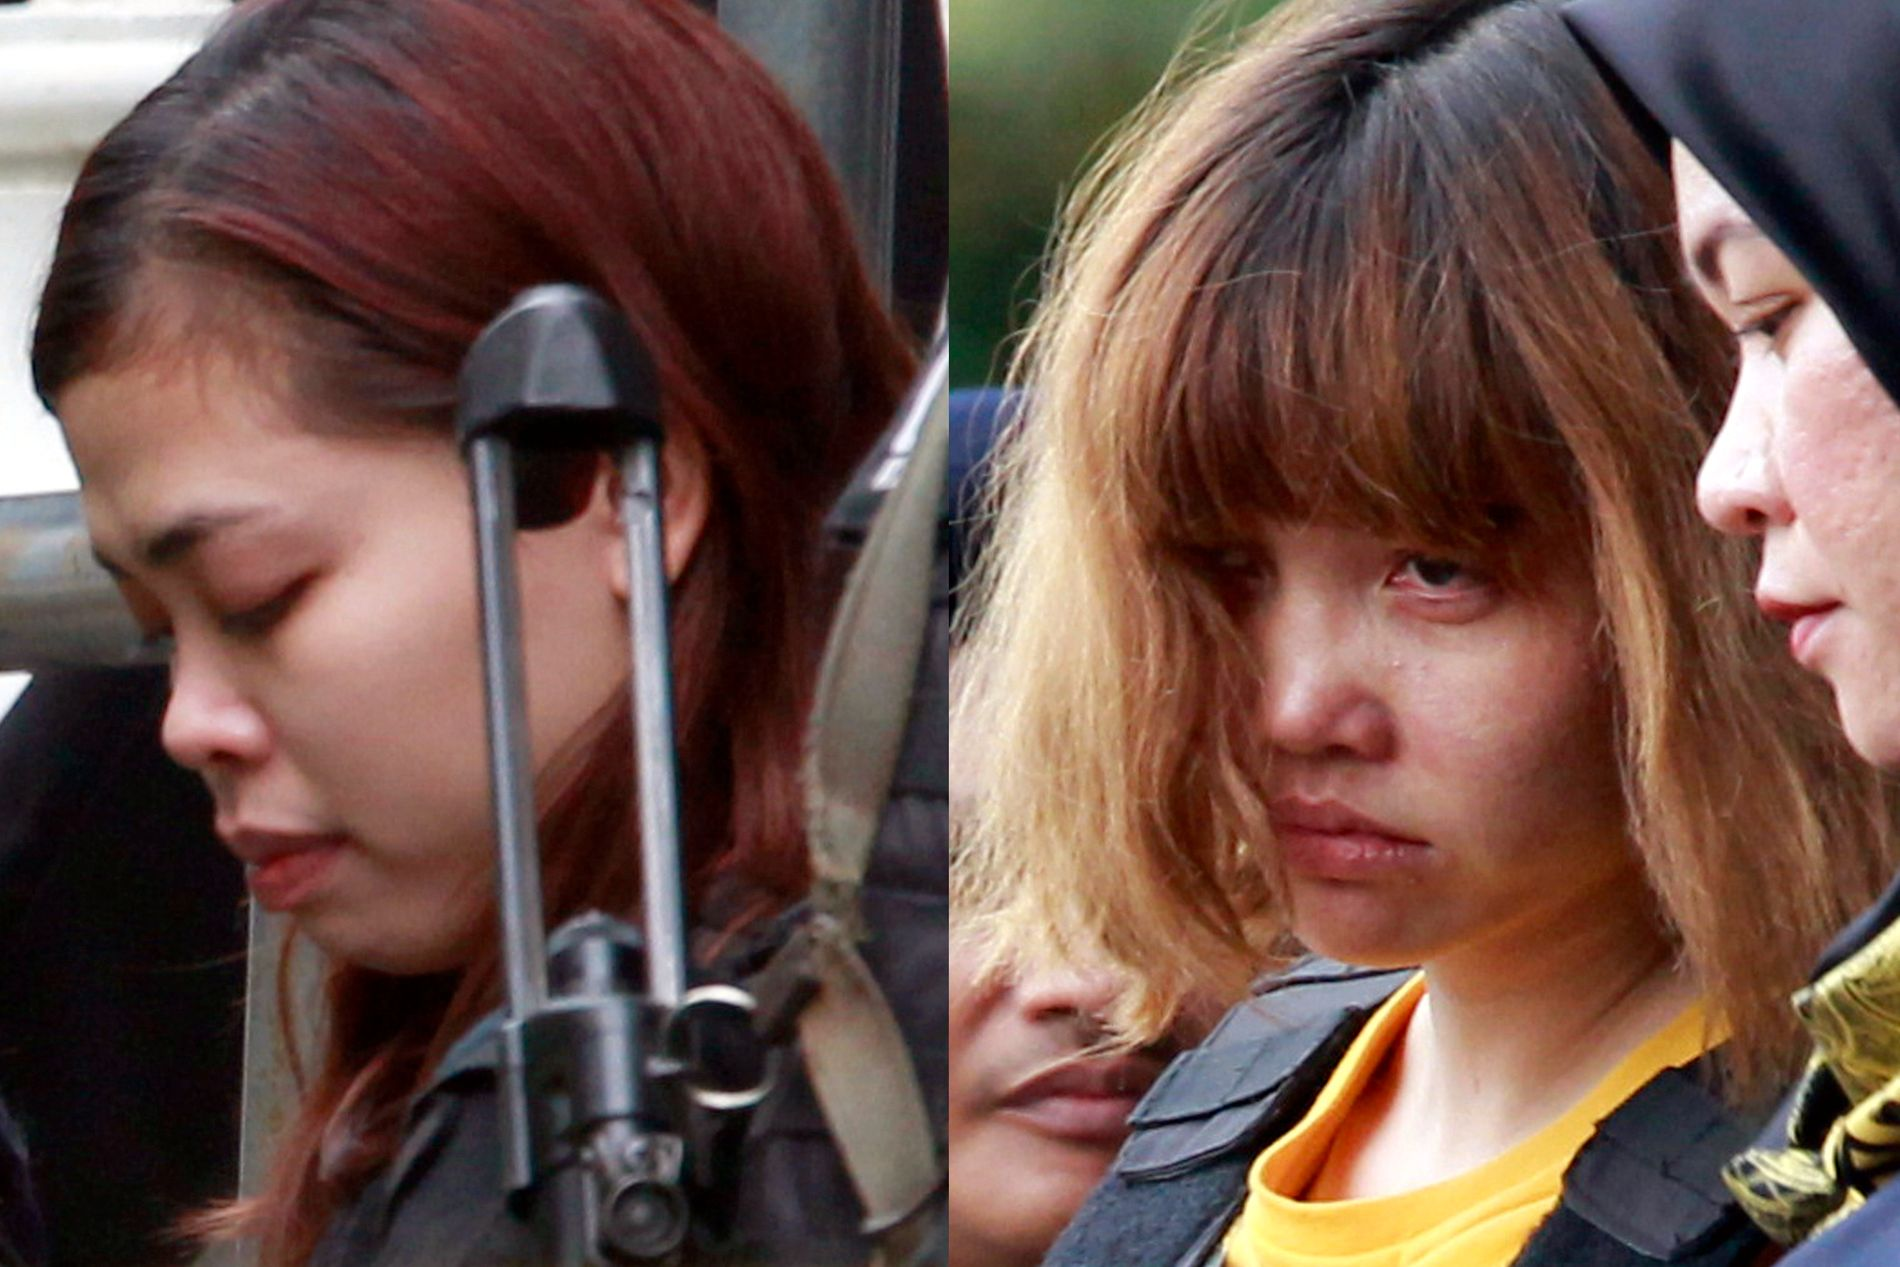 TILTALT: Disse to kvinnene, Doan Thi Huong (t.h.) og Siti Aisyah (t.v.), står tiltalt for å ha drept Kim Jong-nam. AP Photo/Daniel Chan